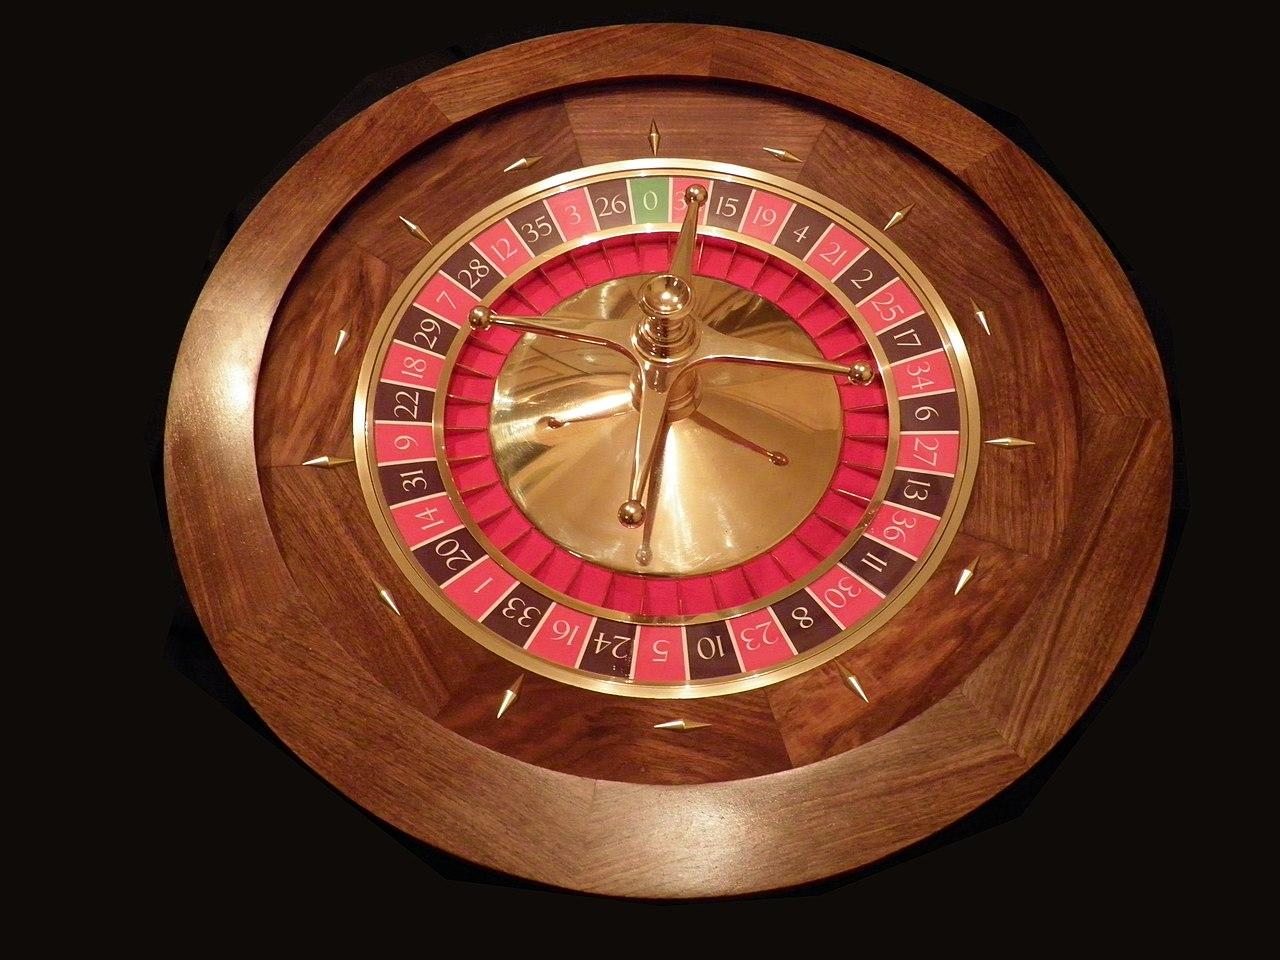 Roulette 4 Hrg 4: Fichier:Roulette Casino.JPG